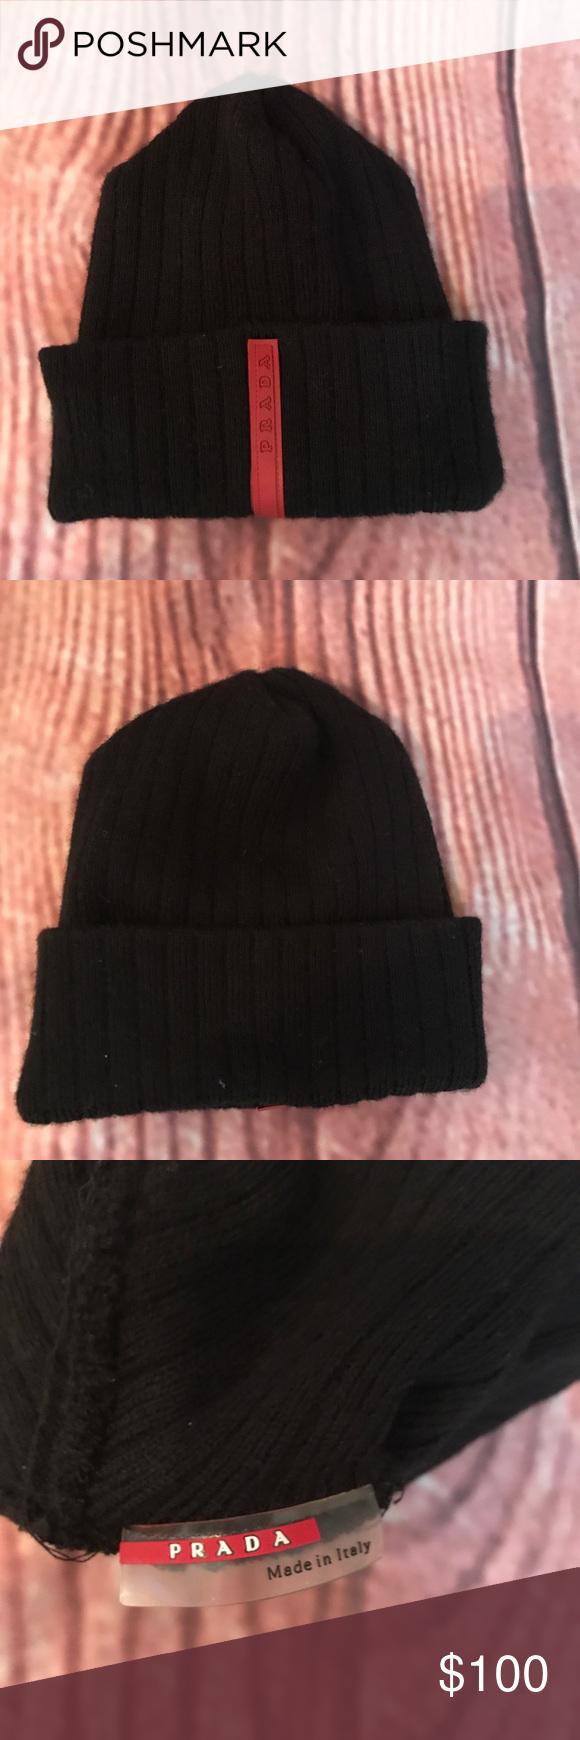 6f63d592290 Authentic PRADA skull cap Excellent condition. Black PRADA skull cap. Prada  Accessories Hats